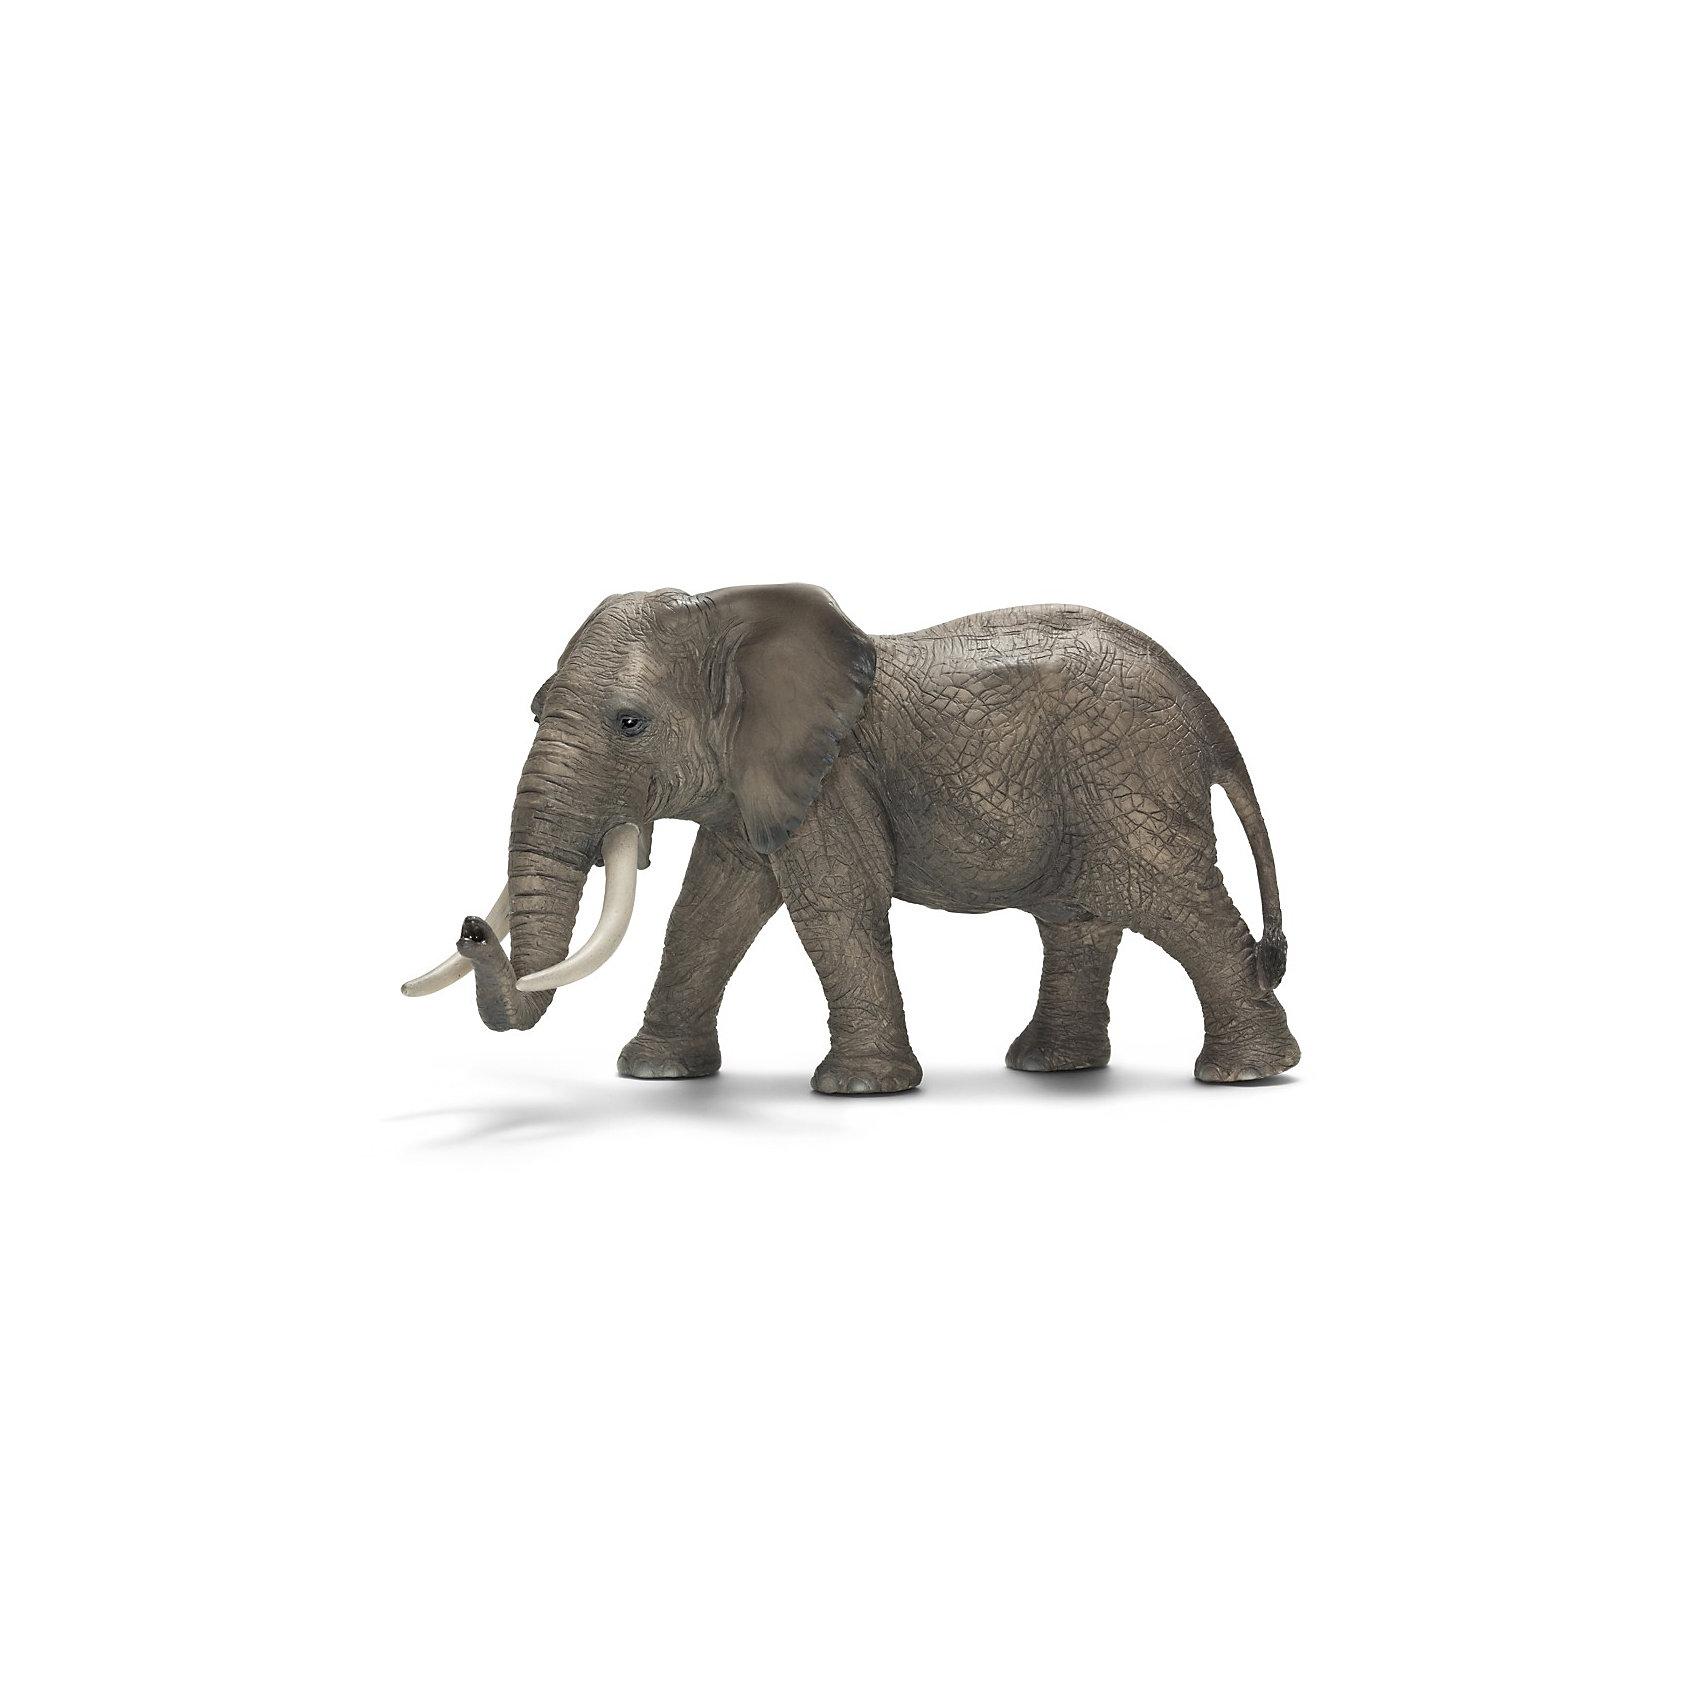 Африканский слон: самец, SchleichАфриканский слон, самец – крупнейший представитель семейства слоновых. Он занесен в «Книгу рекордов Гиннесса» как самое крупное наземное млекопитающее. Длина тела африканского слона достигает 6—7,5 м, высота  2,4—3,5 м. Средняя масса тела самцов африканского слона — 5 тонн. <br>Слоны могут потратить до шестнадцати часов в день в поисках травы, ветвей, фруктов и других растений. Слоны имеют толстую, но эластичную кожу, длинный хобот и два огромных бивня.<br>У африканского слона есть интересная особенность – у африканского слона – 4 пальца на передних ногах и 5 на задних. С помощью своего длинного и гибкого хобота африканские слоны общаются друг с другом через осязание и обоняние. <br><br>Дополнительная информация:<br><br>- Размер товара: 11 x 19 x 10,5 см<br>- Материал: каучуковый пластик<br><br>Фигурку Африканского слона: самца, Schleich (Шляйх) можно купить в нашем магазине.<br><br>Ширина мм: 177<br>Глубина мм: 114<br>Высота мм: 86<br>Вес г: 365<br>Возраст от месяцев: 36<br>Возраст до месяцев: 96<br>Пол: Унисекс<br>Возраст: Детский<br>SKU: 2381511